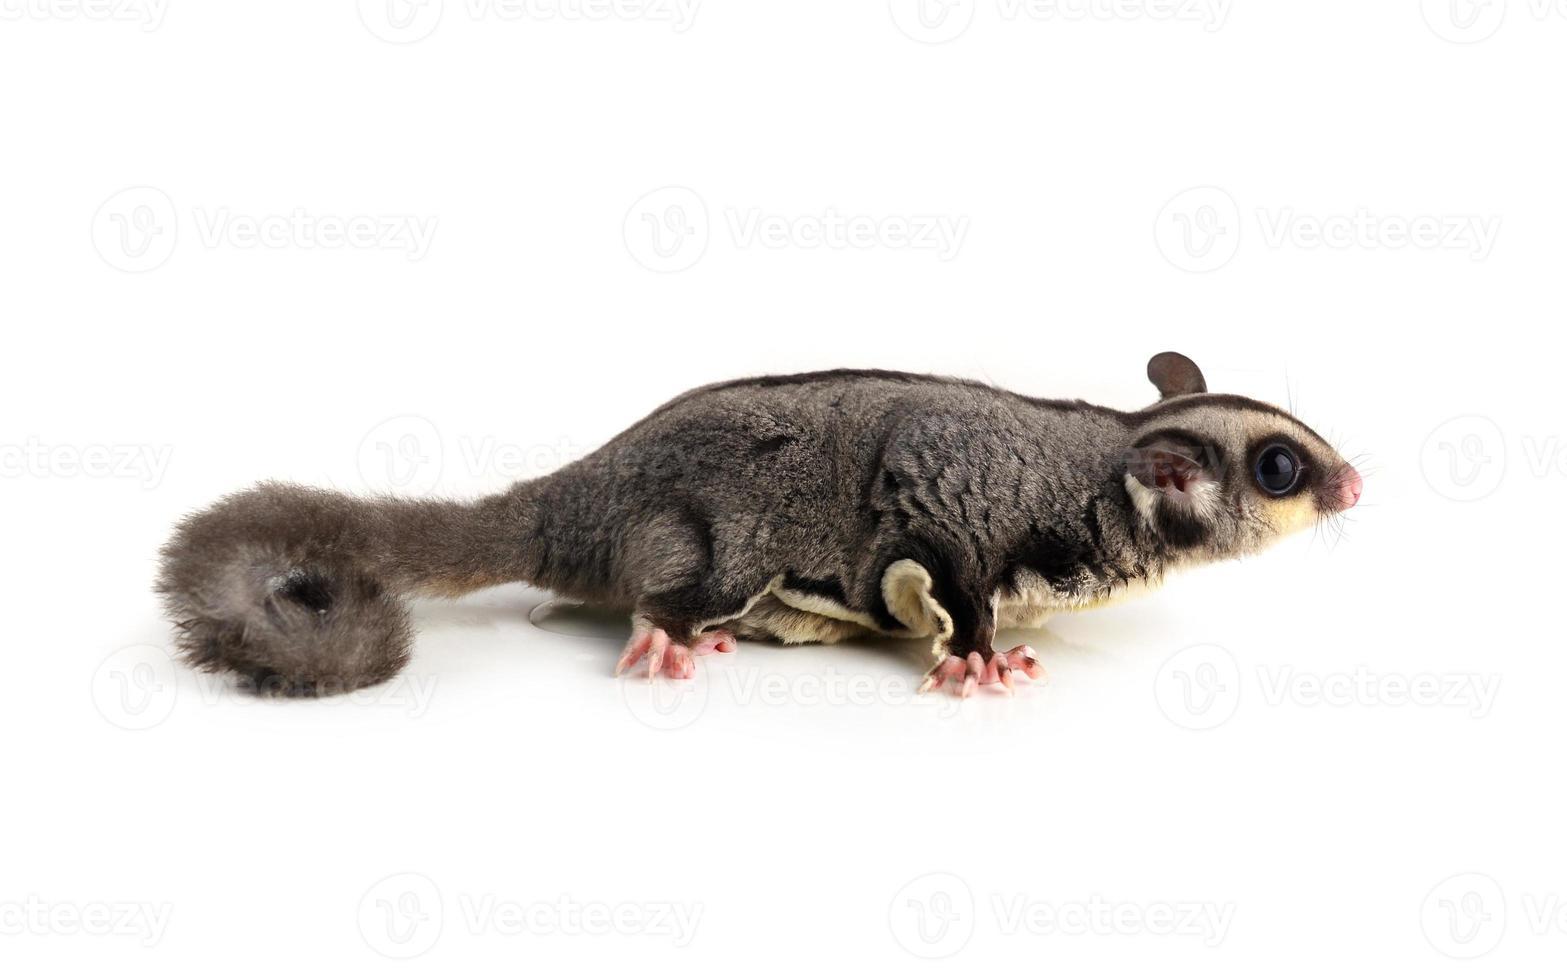 fliegendes Eichhörnchen, Zuckersegelflugzeug lokalisiert auf Weiß foto